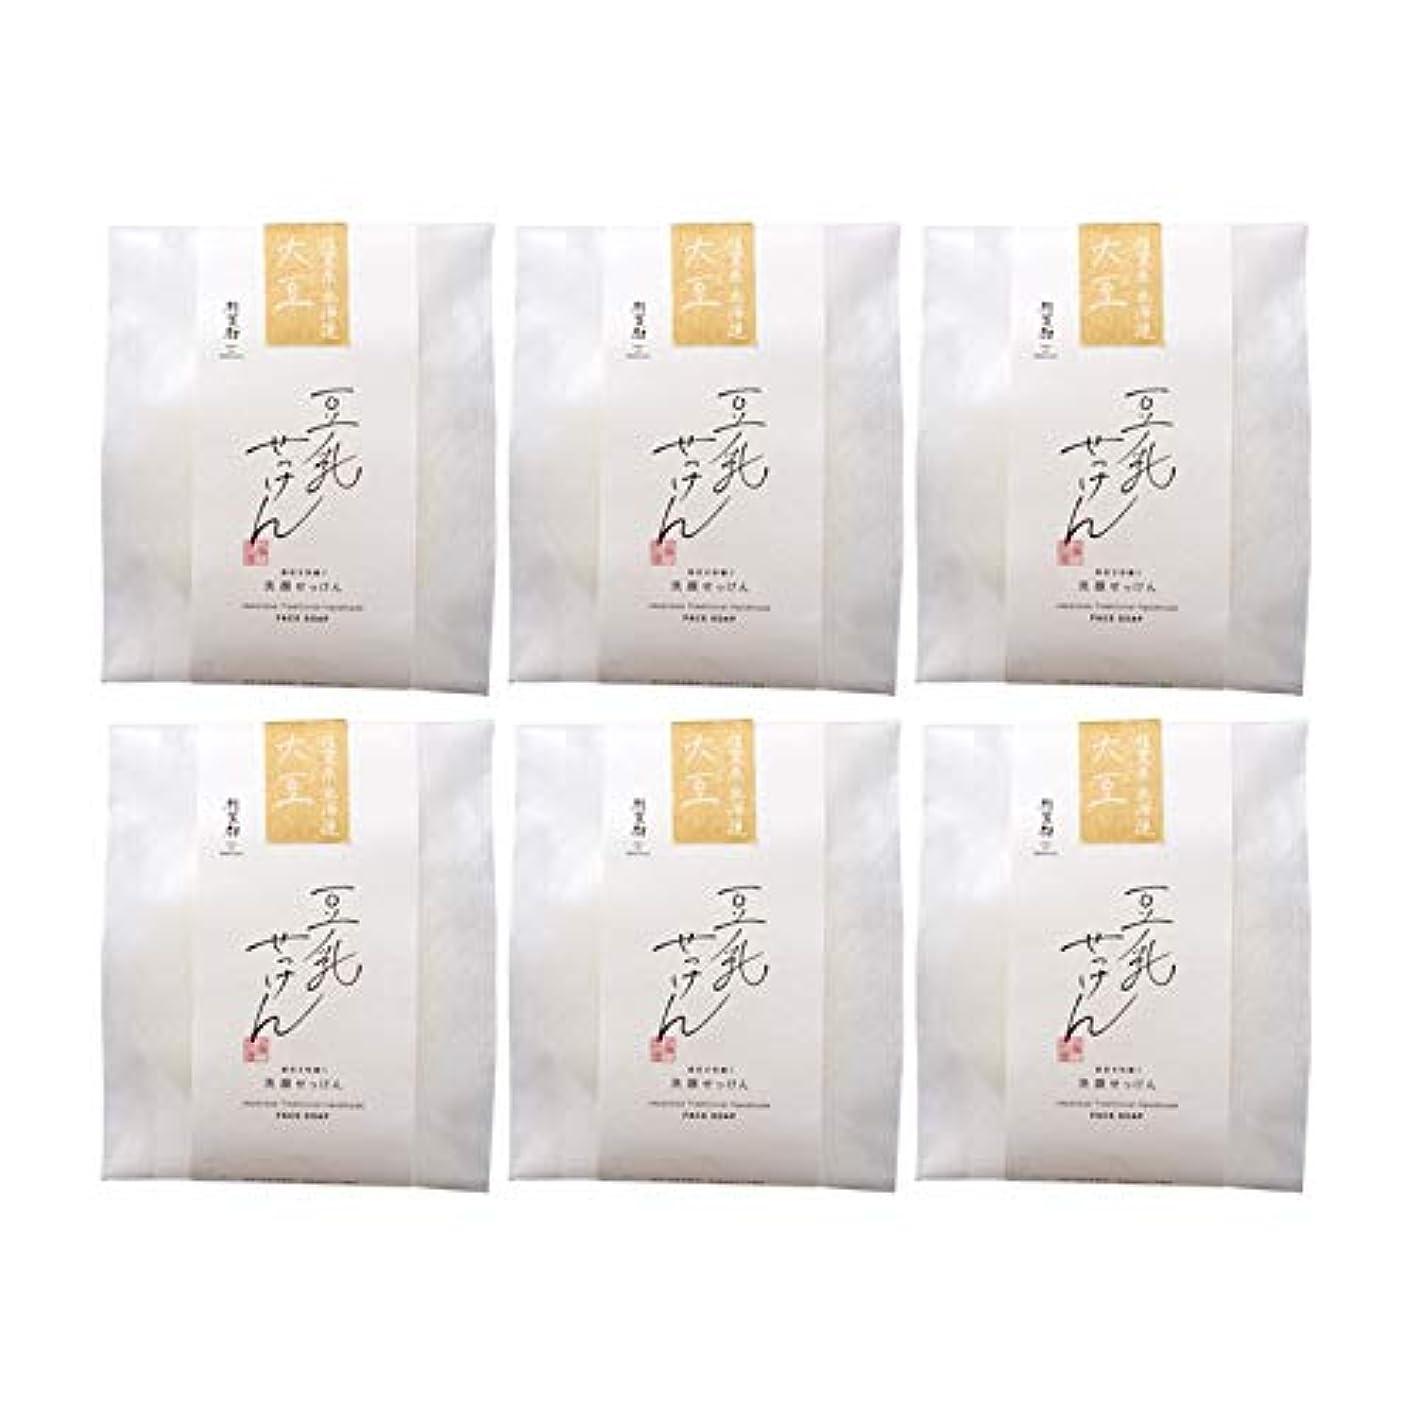 豆腐の盛田屋 豆乳せっけん 自然生活 100g×6個セット